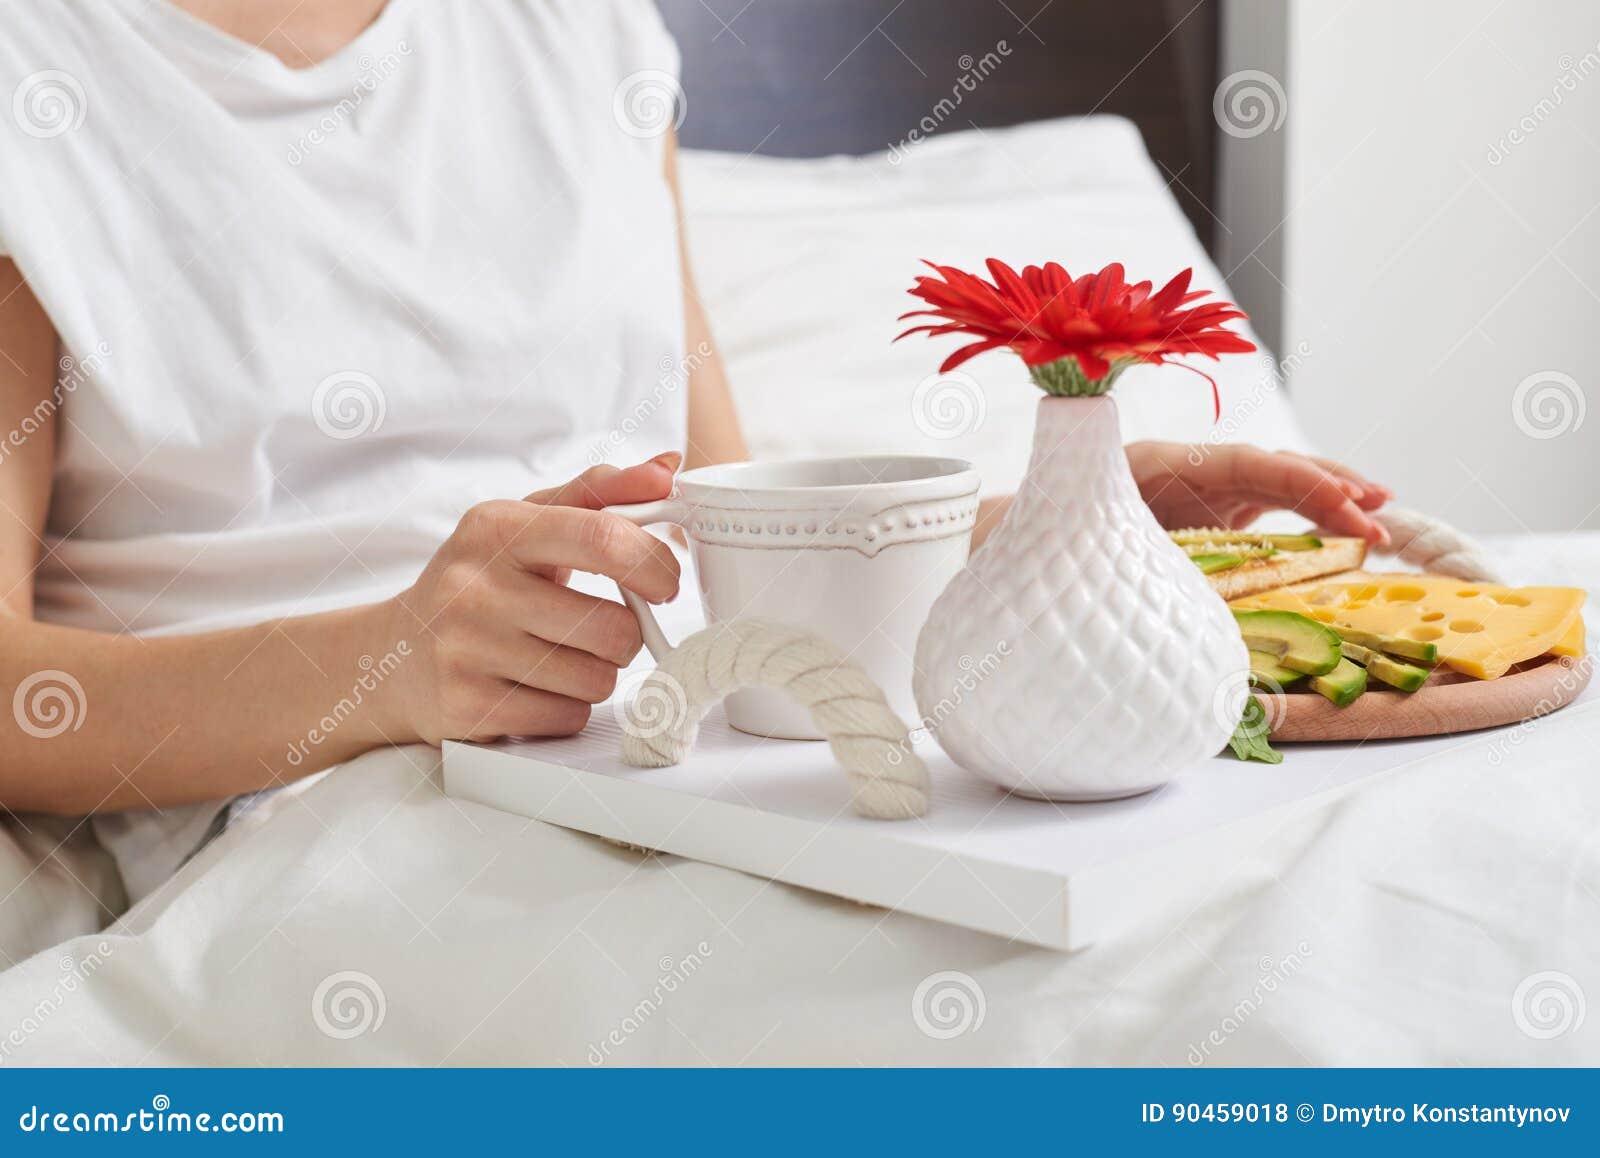 Prima colazione romantica sul vassoio decorato con il fiore rosso per l amante